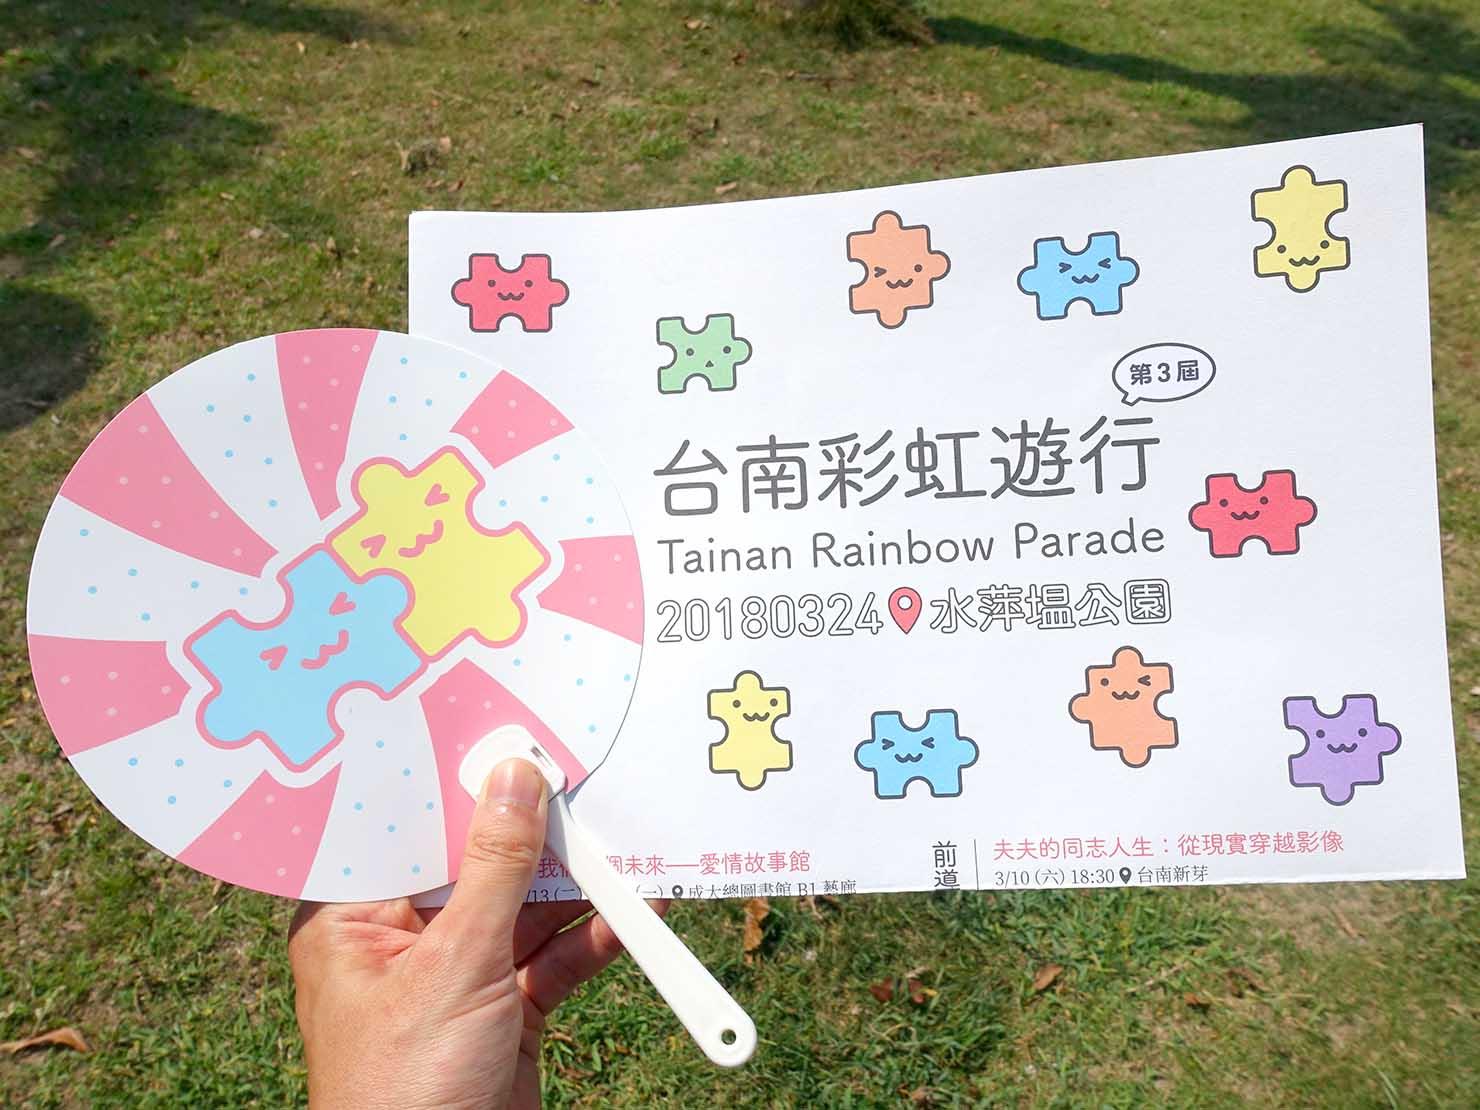 2018年台湾最初のLGBTプライド「台南彩虹遊行(台南レインボーパレード)」のパンフレット